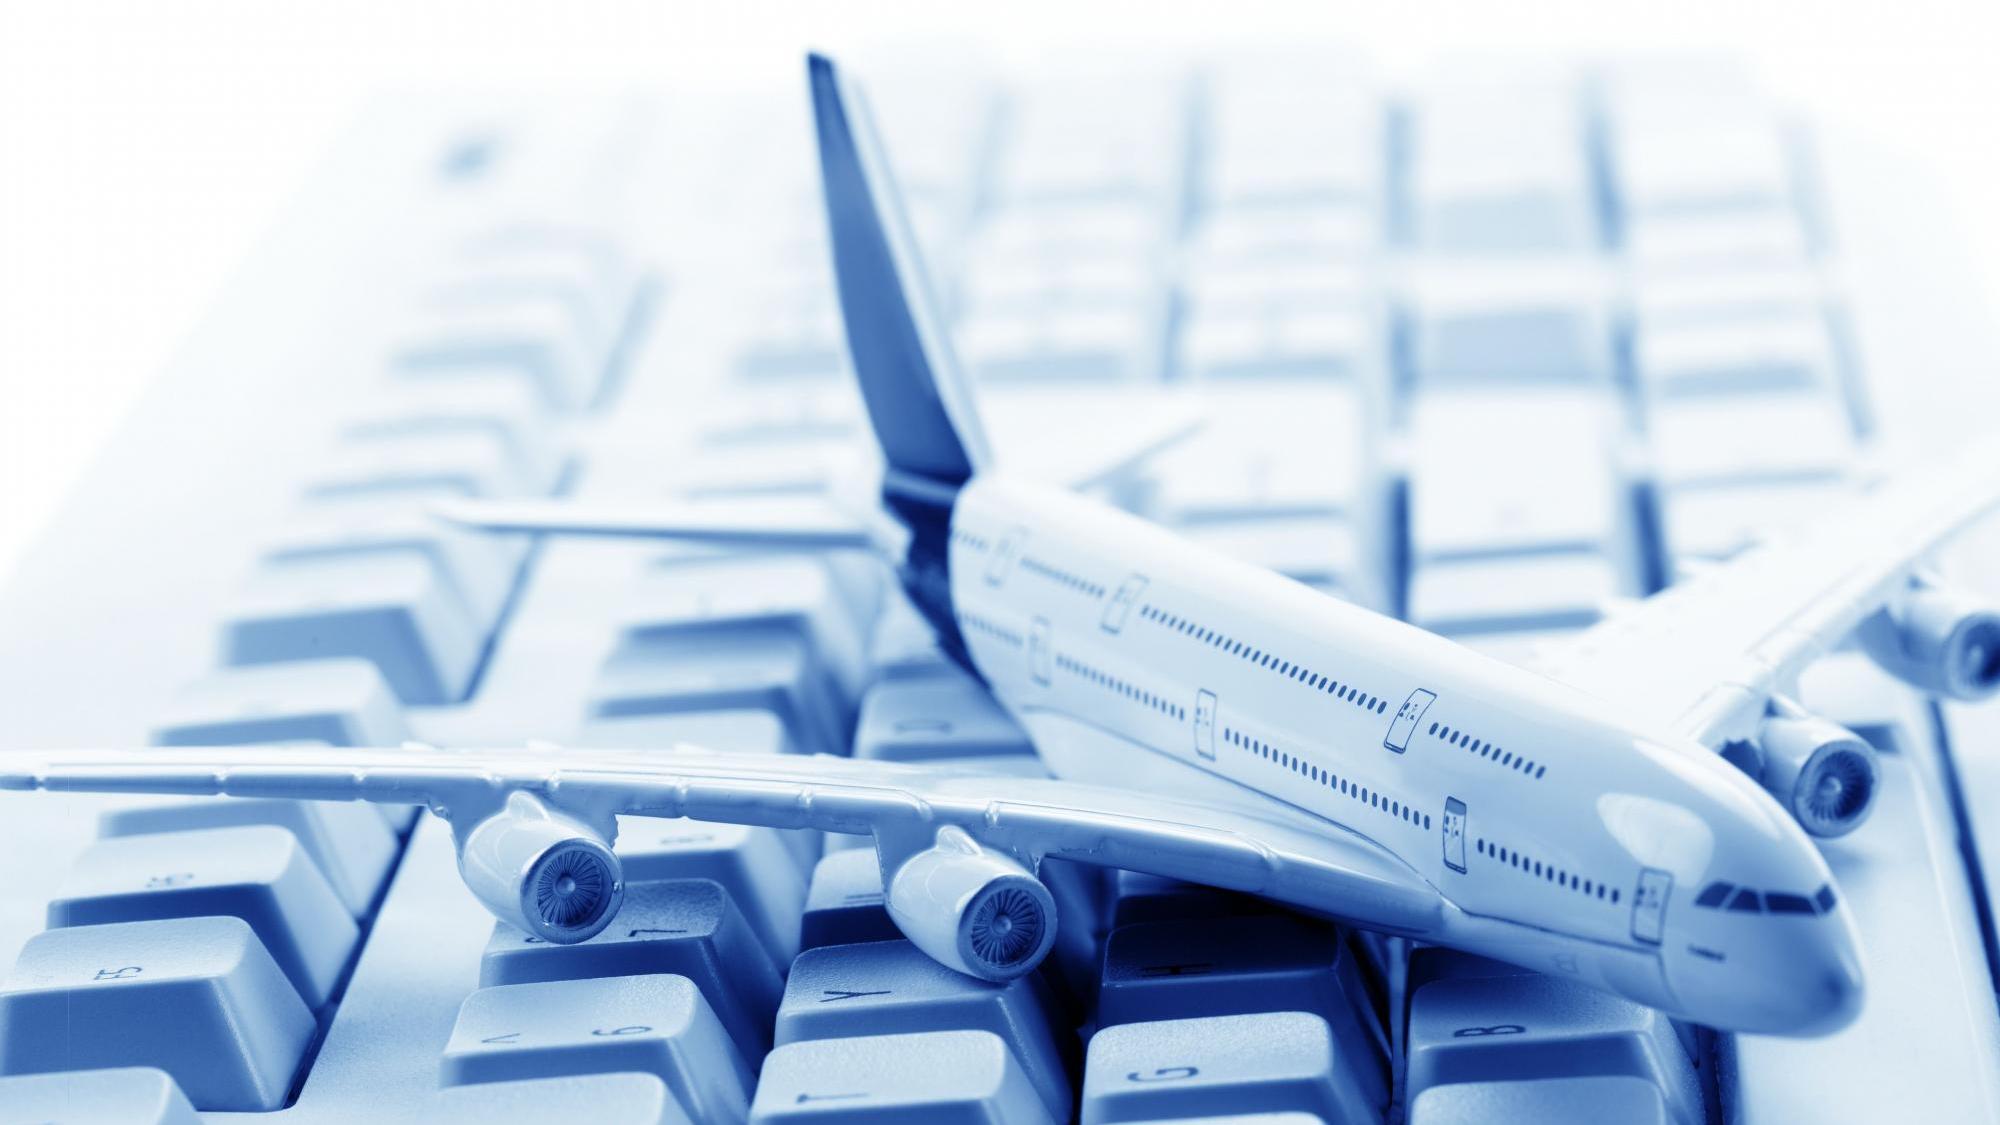 Hé lộ 8 tuyệt chiêu săn vé máy bay giá rẻ cho bạn xác suất thành công 99%